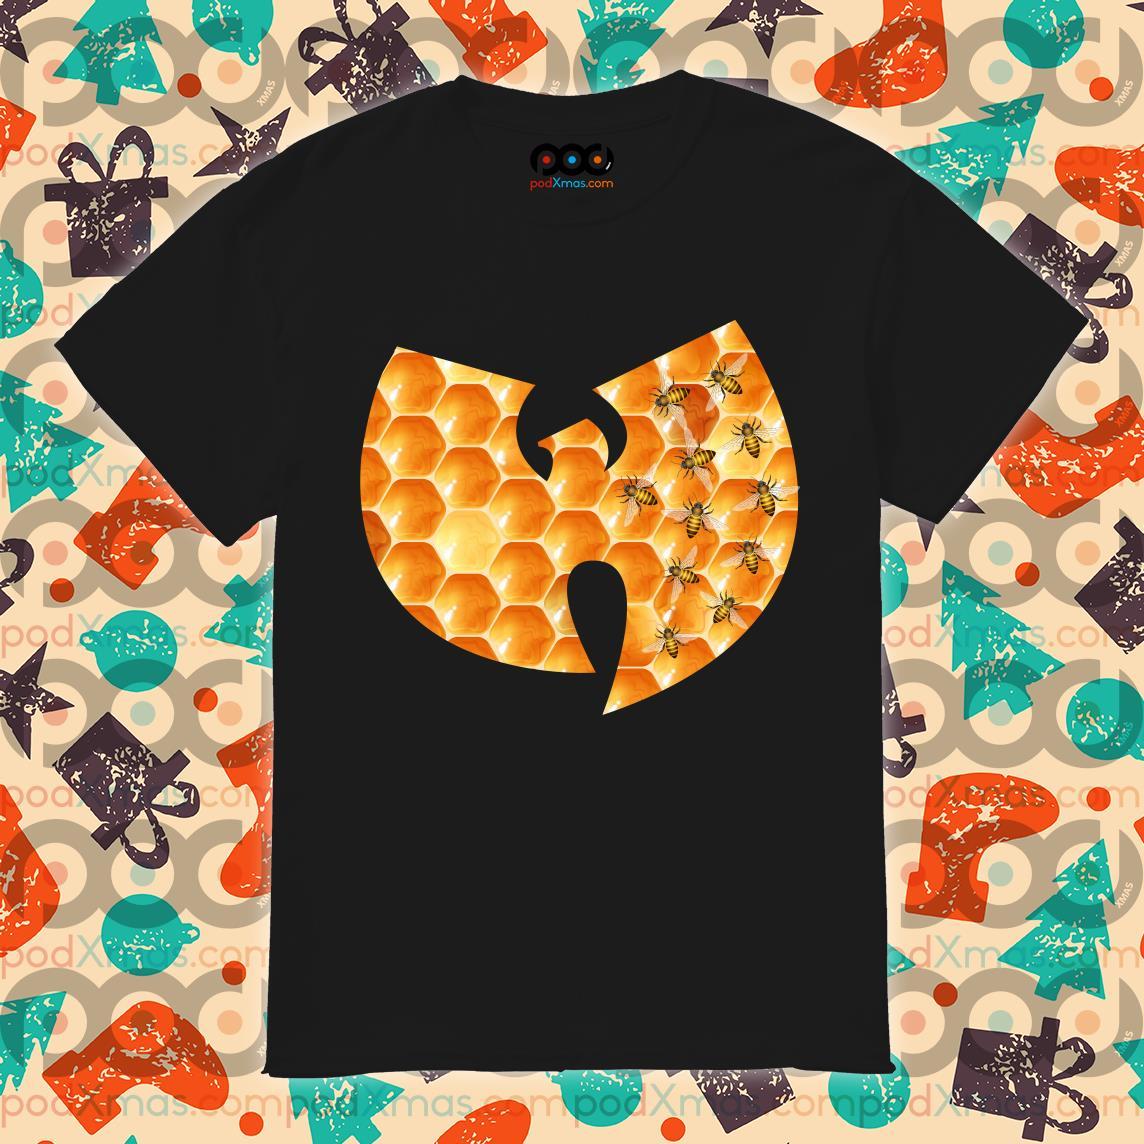 Wu-tang clan logo hive shirt